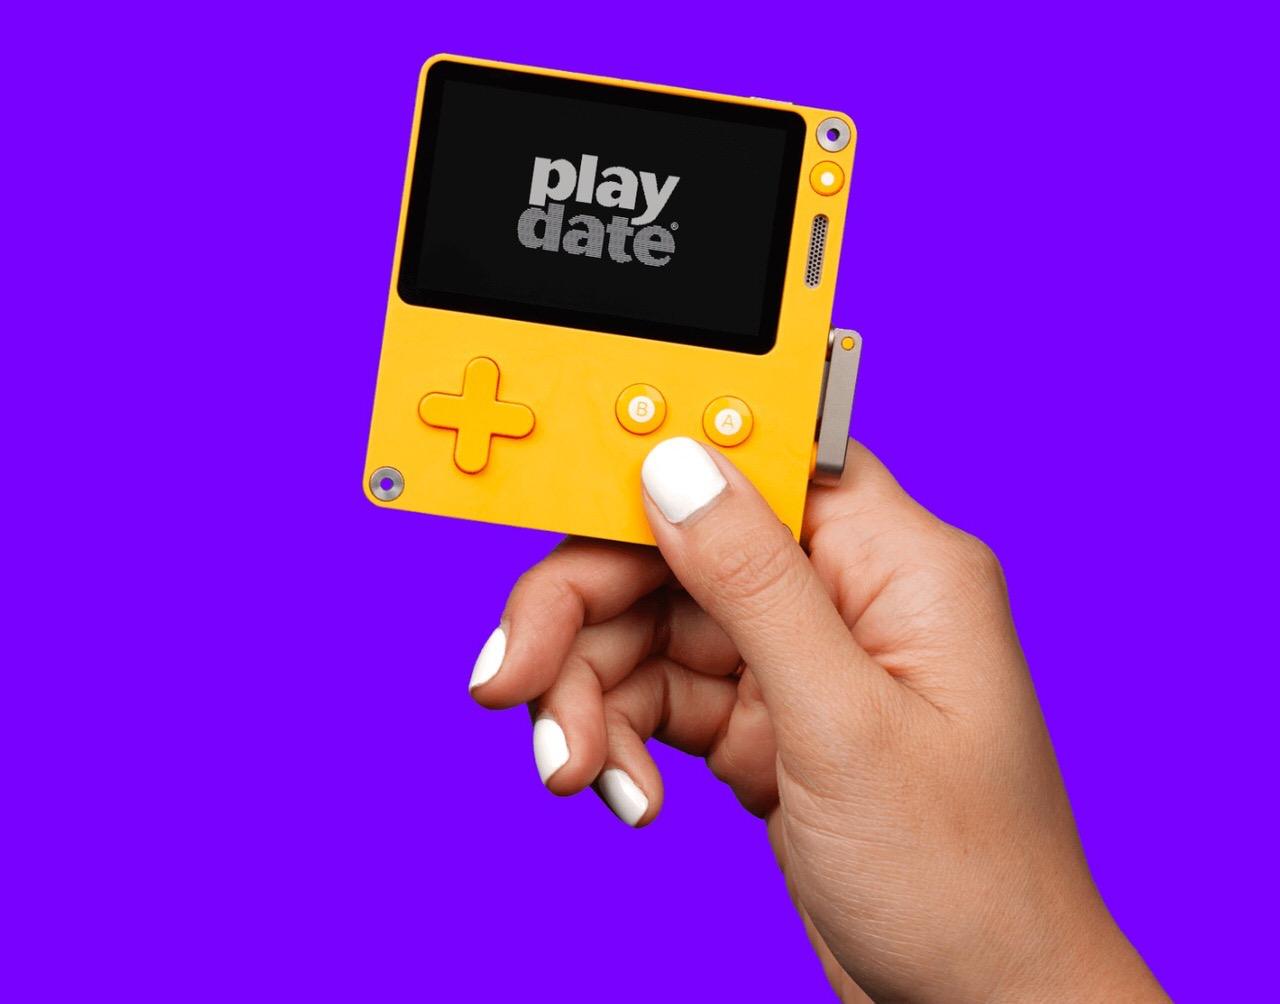 クランク搭載の新しい携帯ゲーム機「Playdate(プレイデート)」